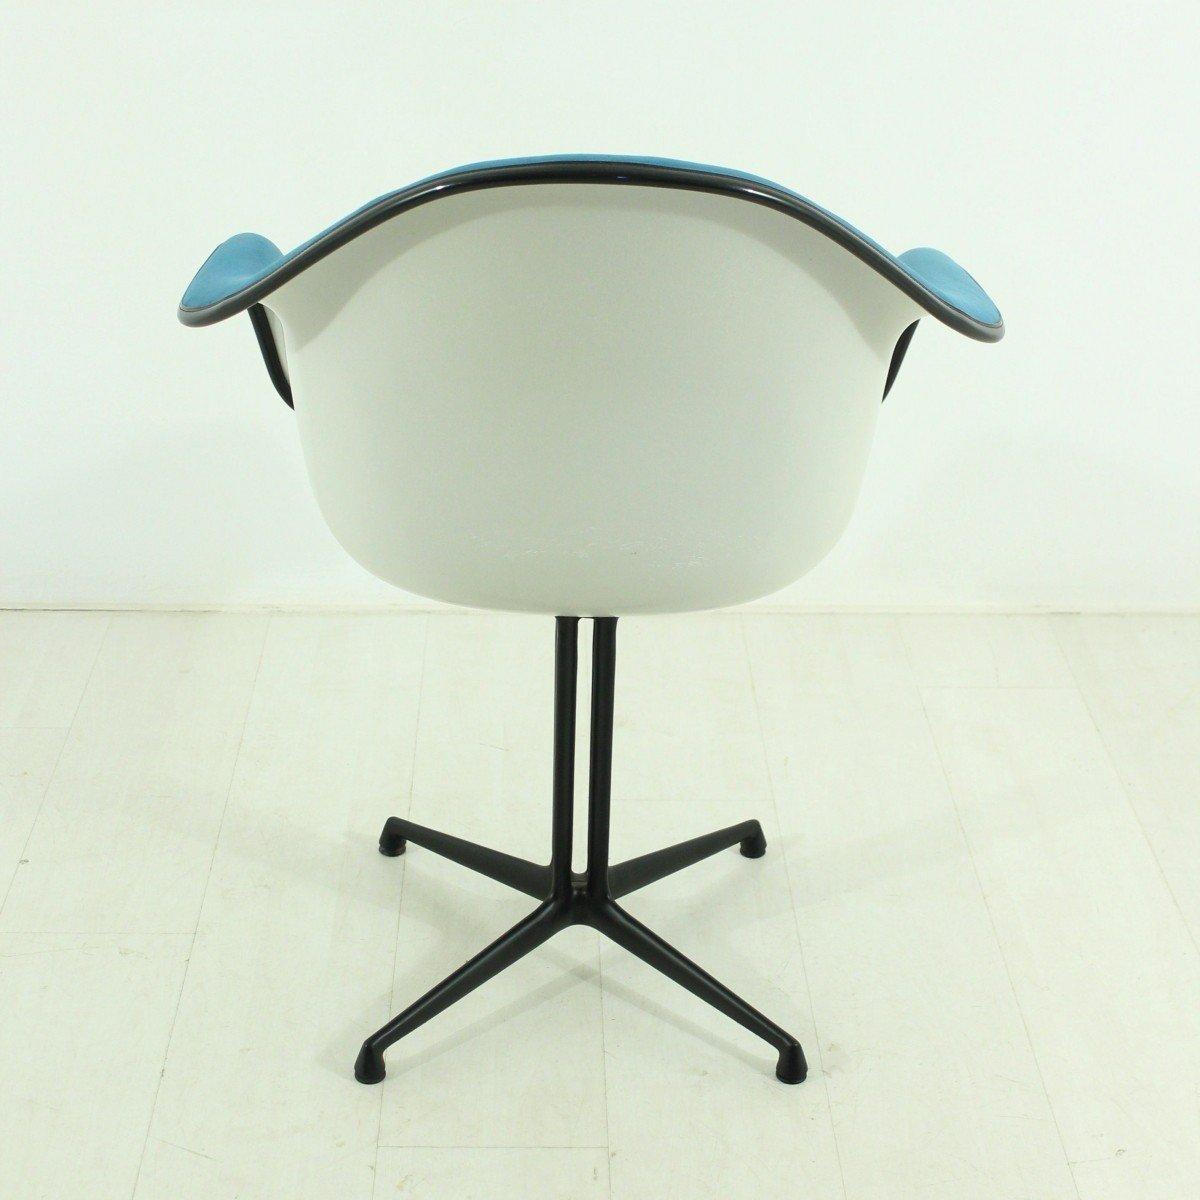 Chaise vintage bleue la fonda par charles ray eames pour for Chaise vitra eames prix